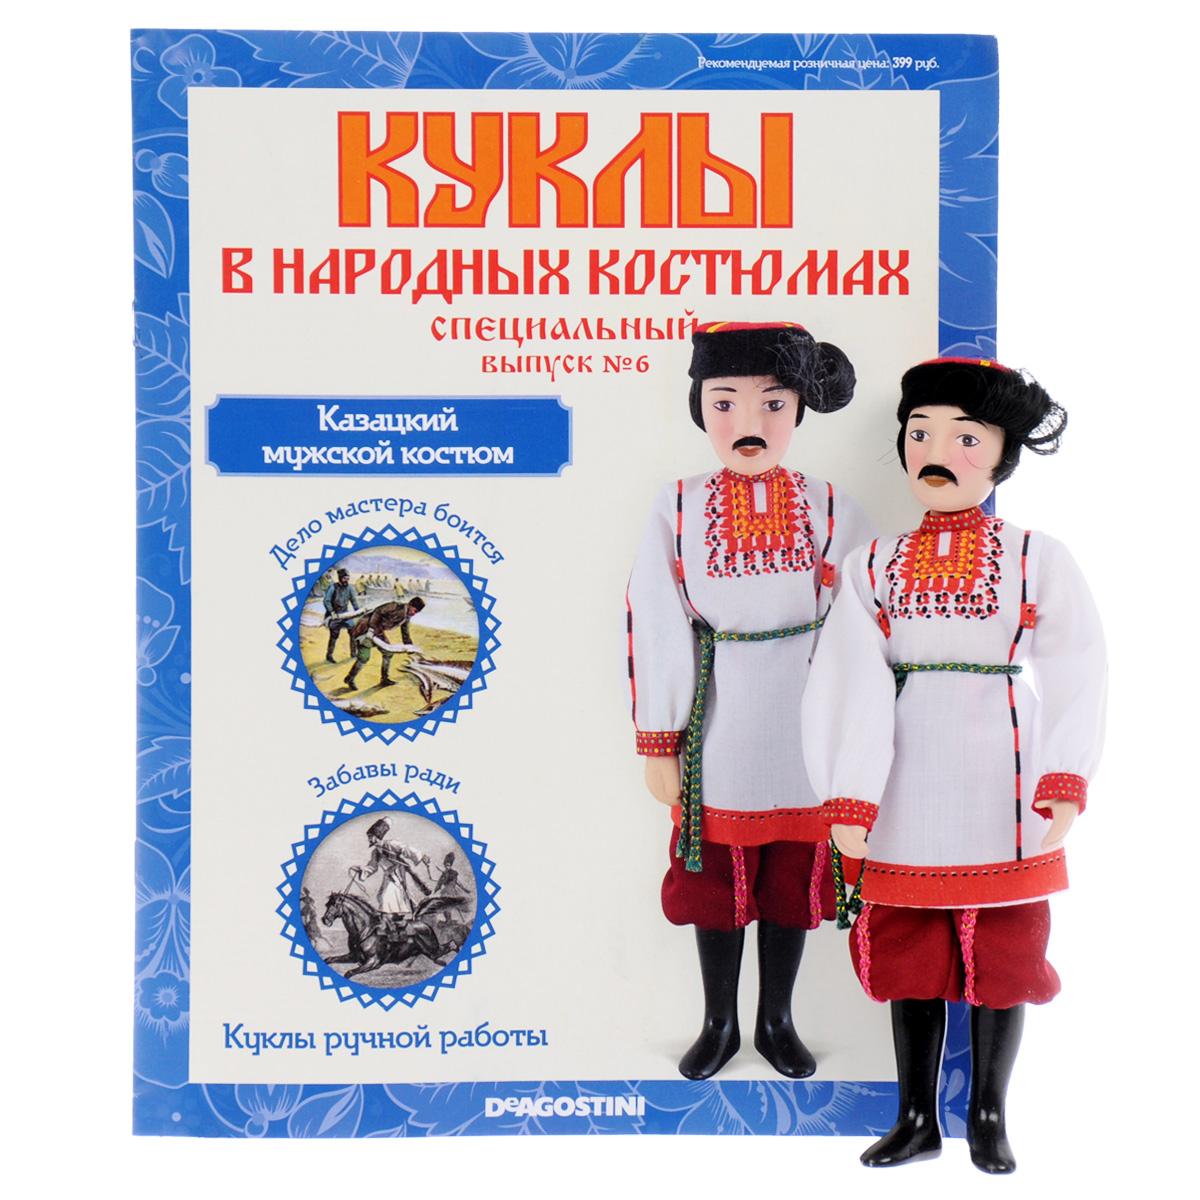 """Журнал """"Куклы в народных костюмах"""". Специальный выпуск №6,"""